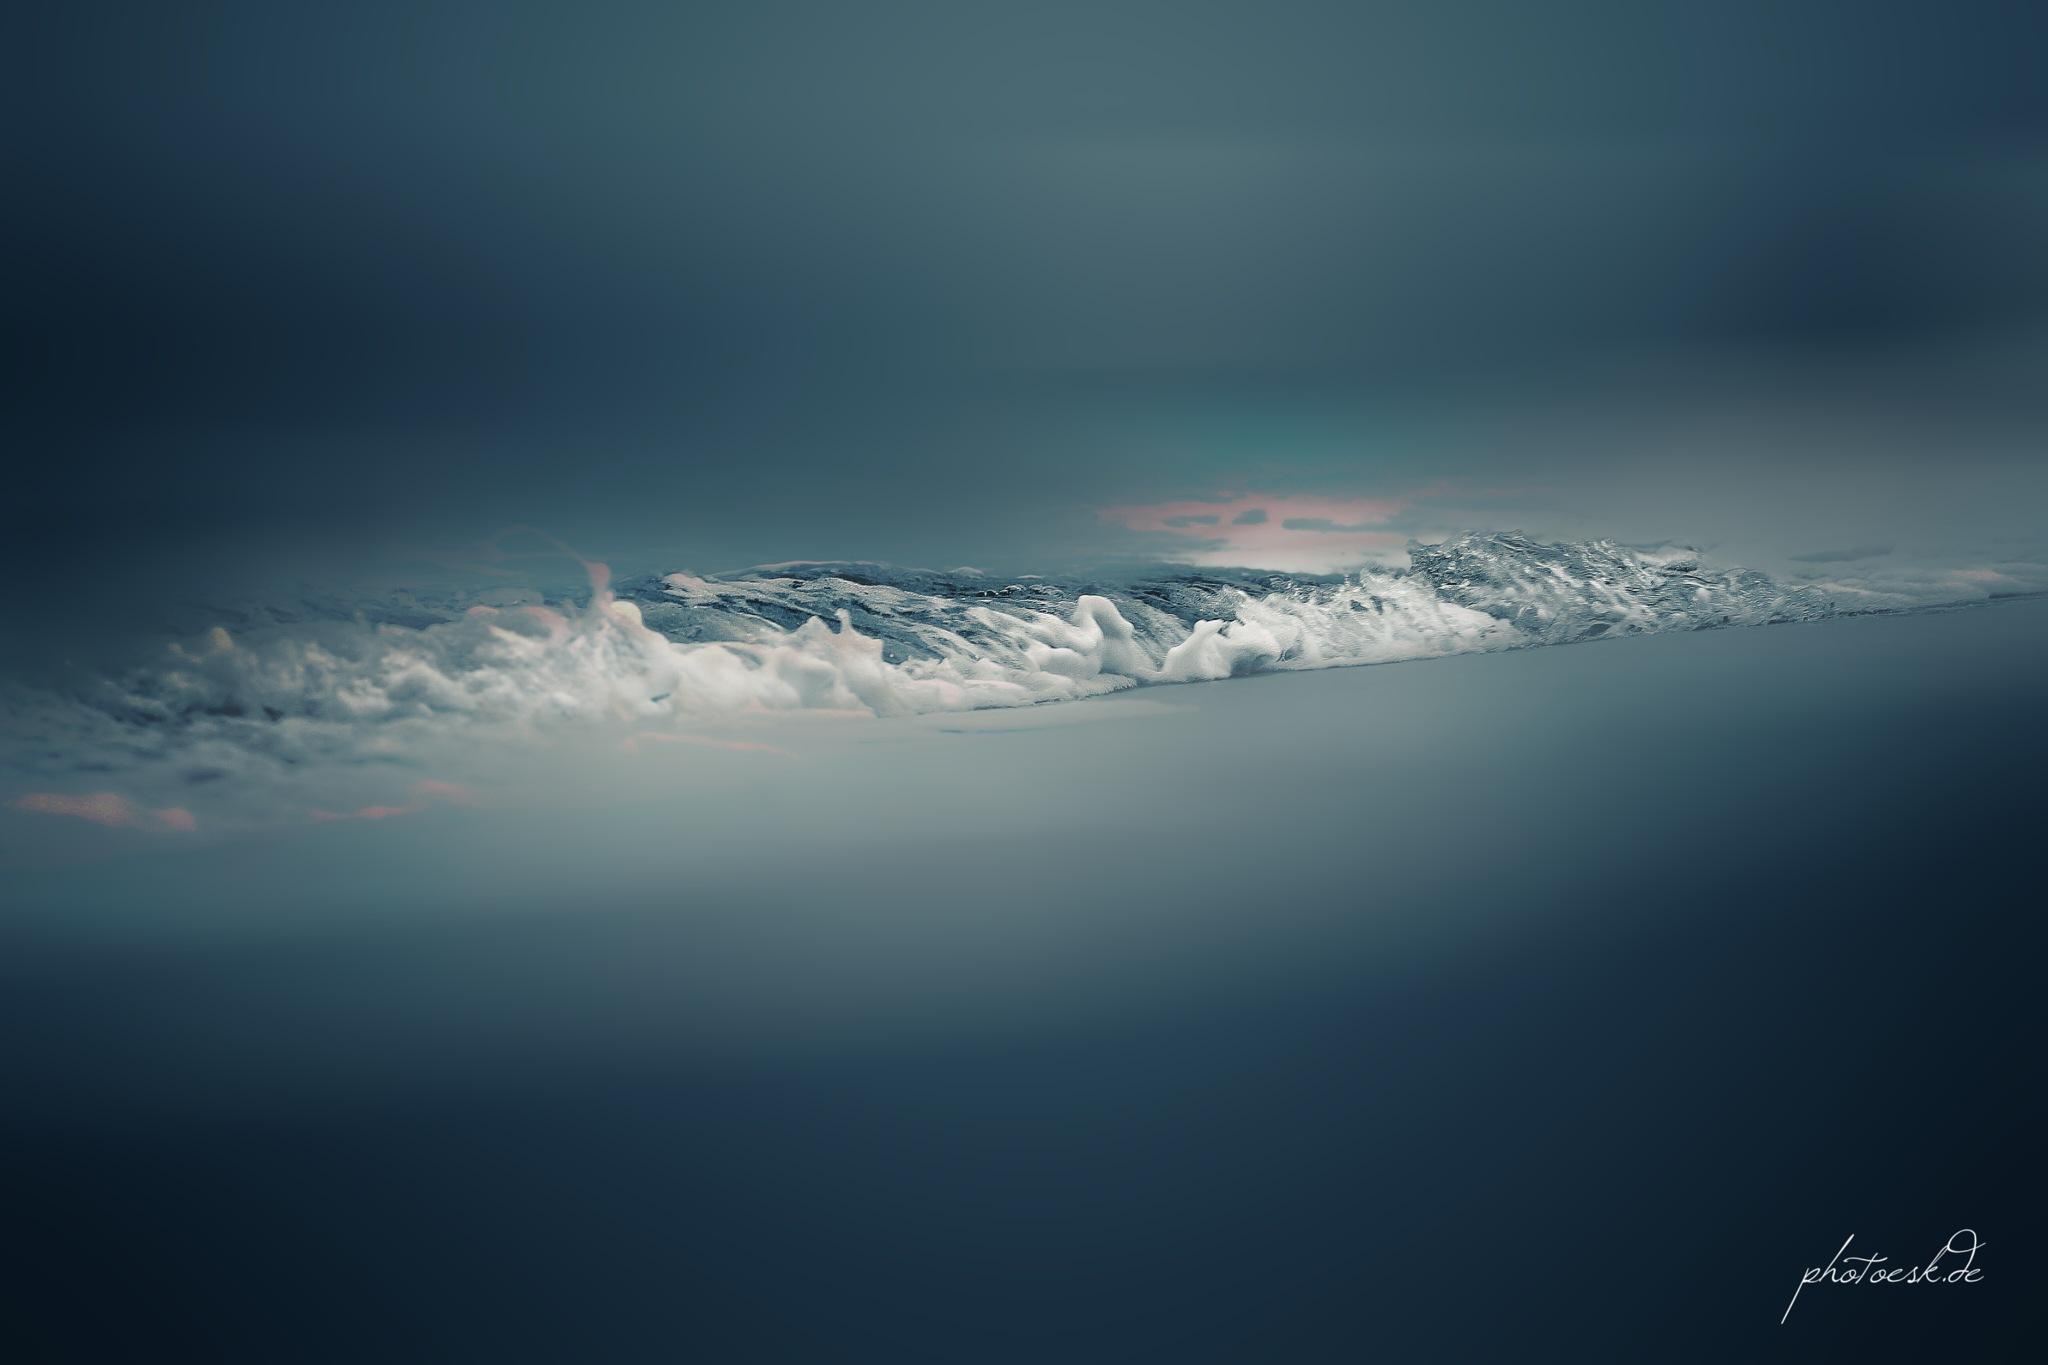 Ocean by photoesk - just Art